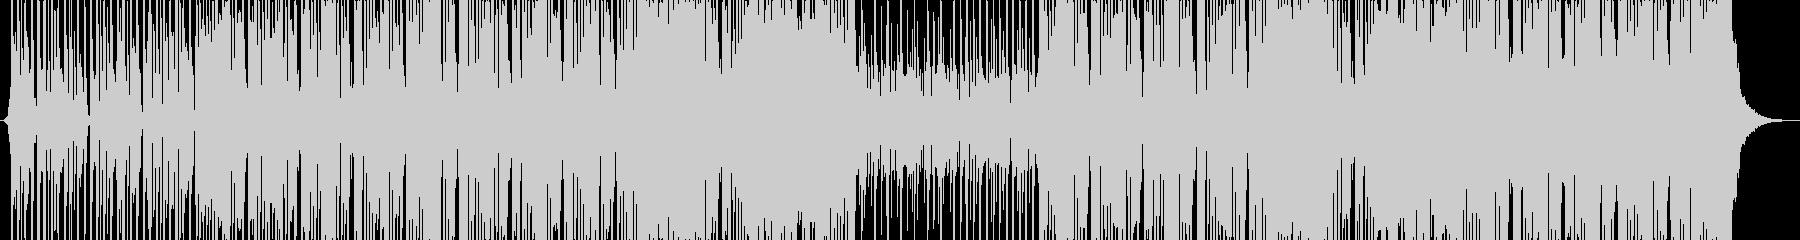 元気づける 明るいファンキー ポップの未再生の波形